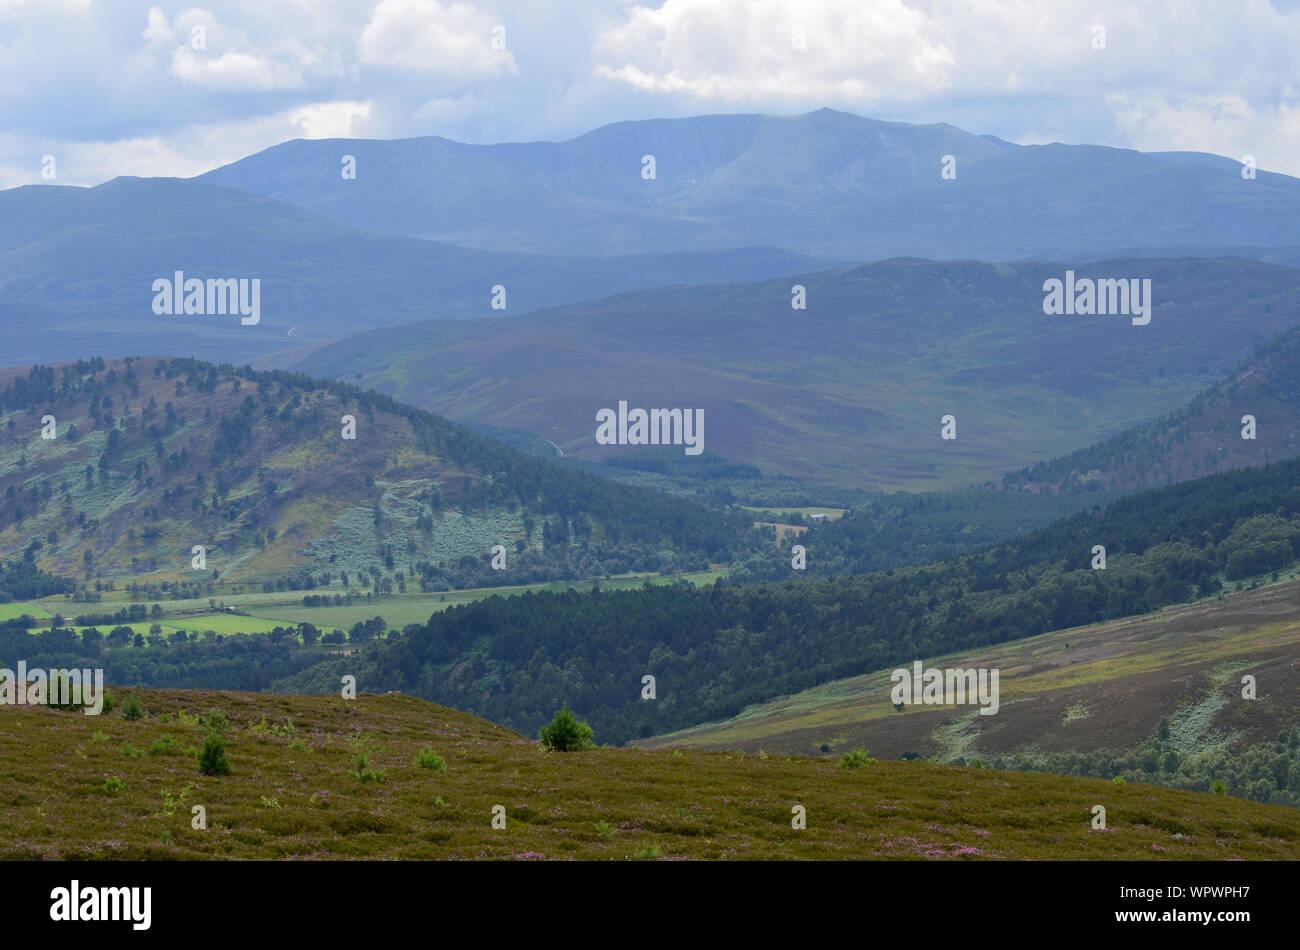 Sgor Buidhe circuit trek near Ballater, Cairngorms, Scotland Stock Photo